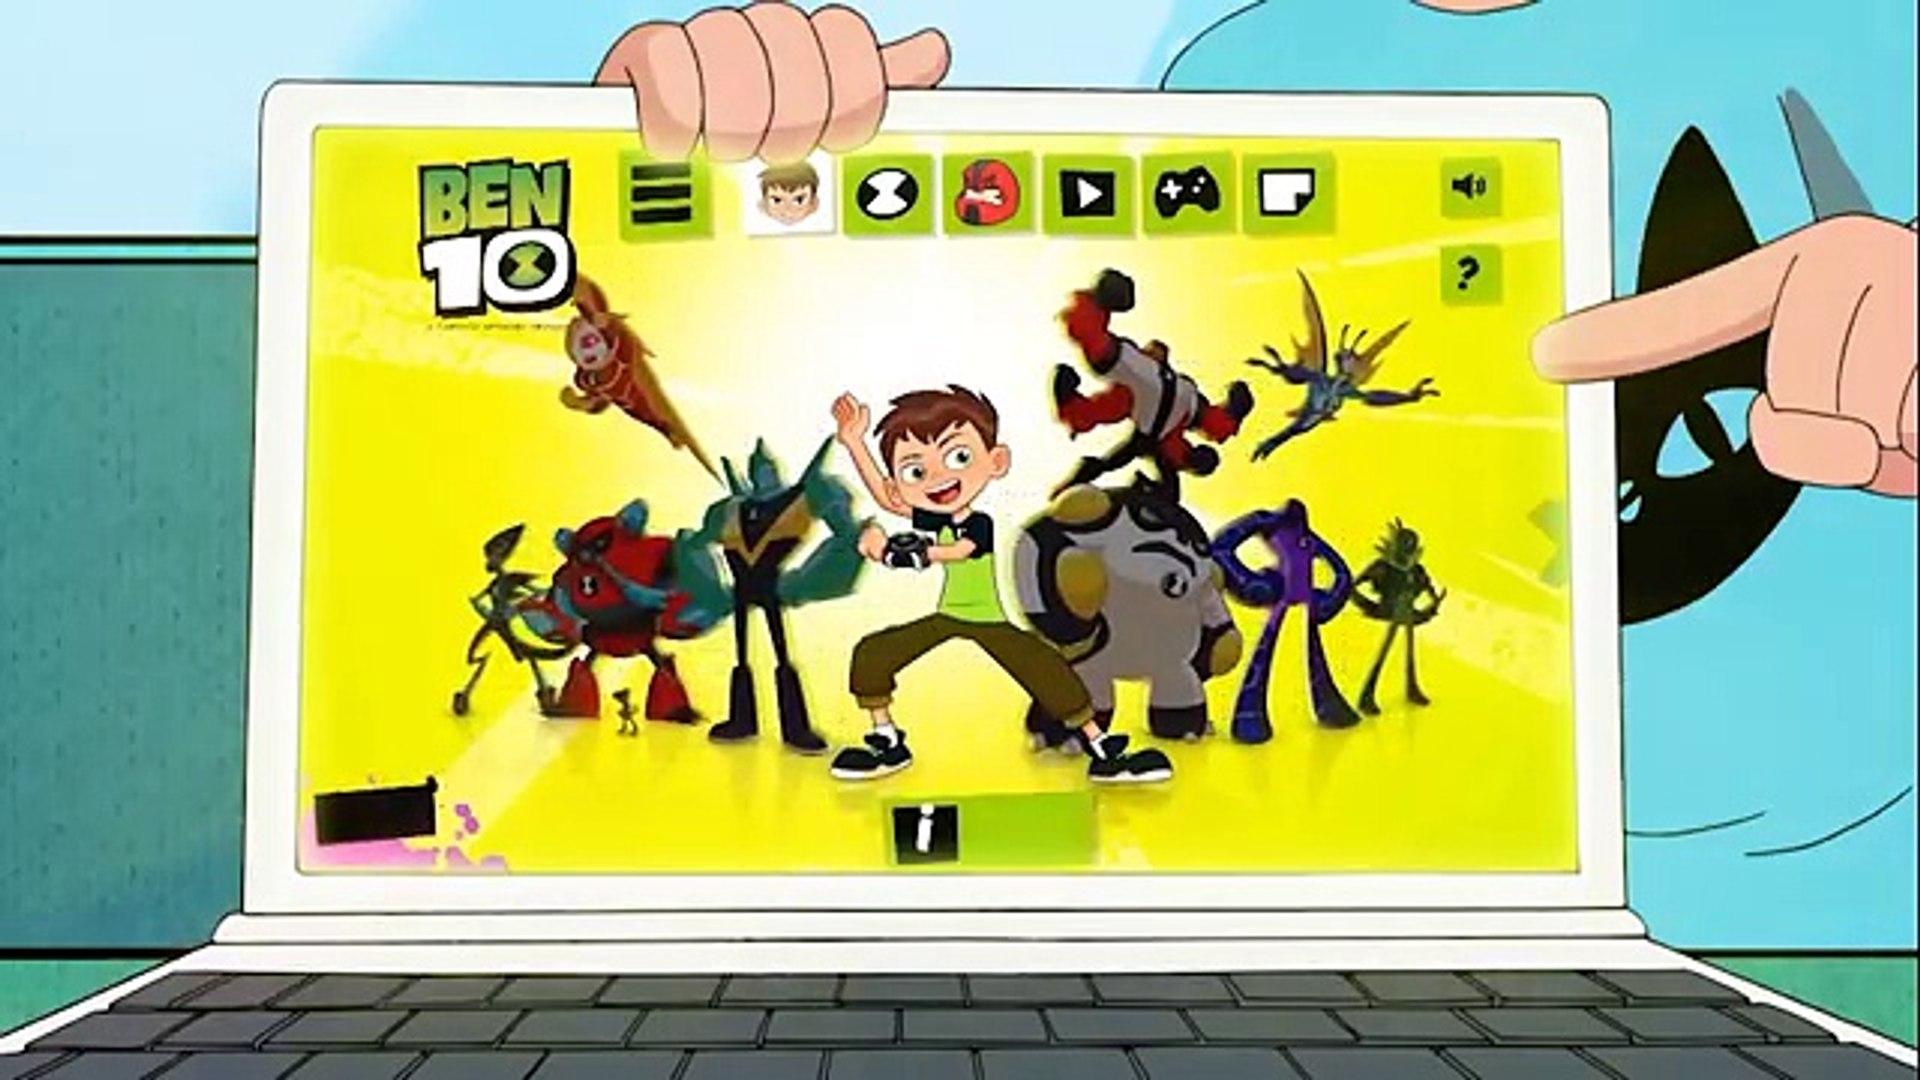 BEN 10 | Eğlence BEN 10 Web Sitesinde! | Cartoon Network Türkiye